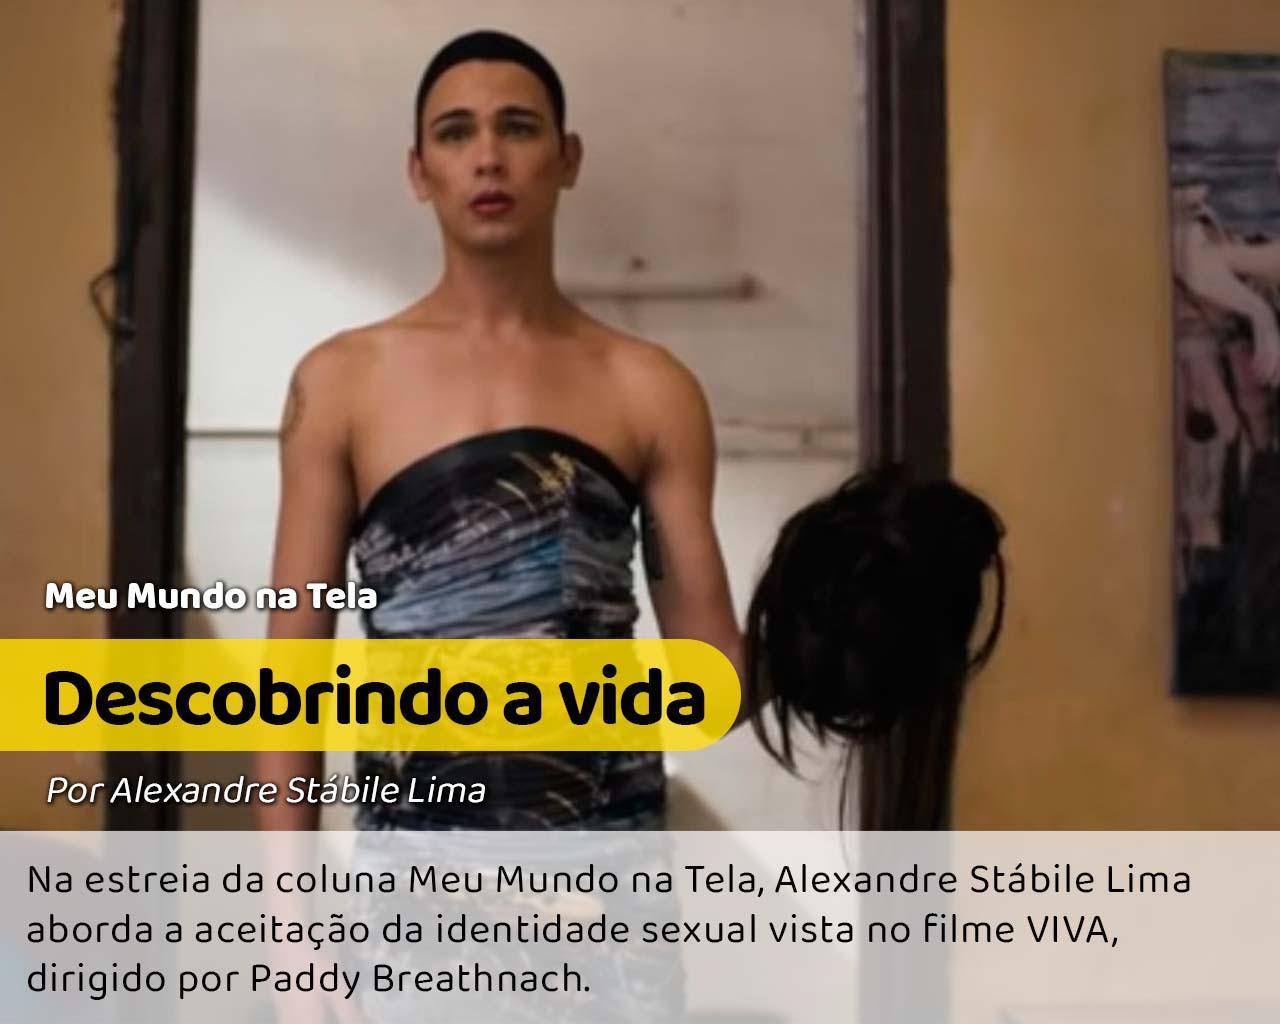 Cena do filme Viva, em que o personagem está se vestindo de drag